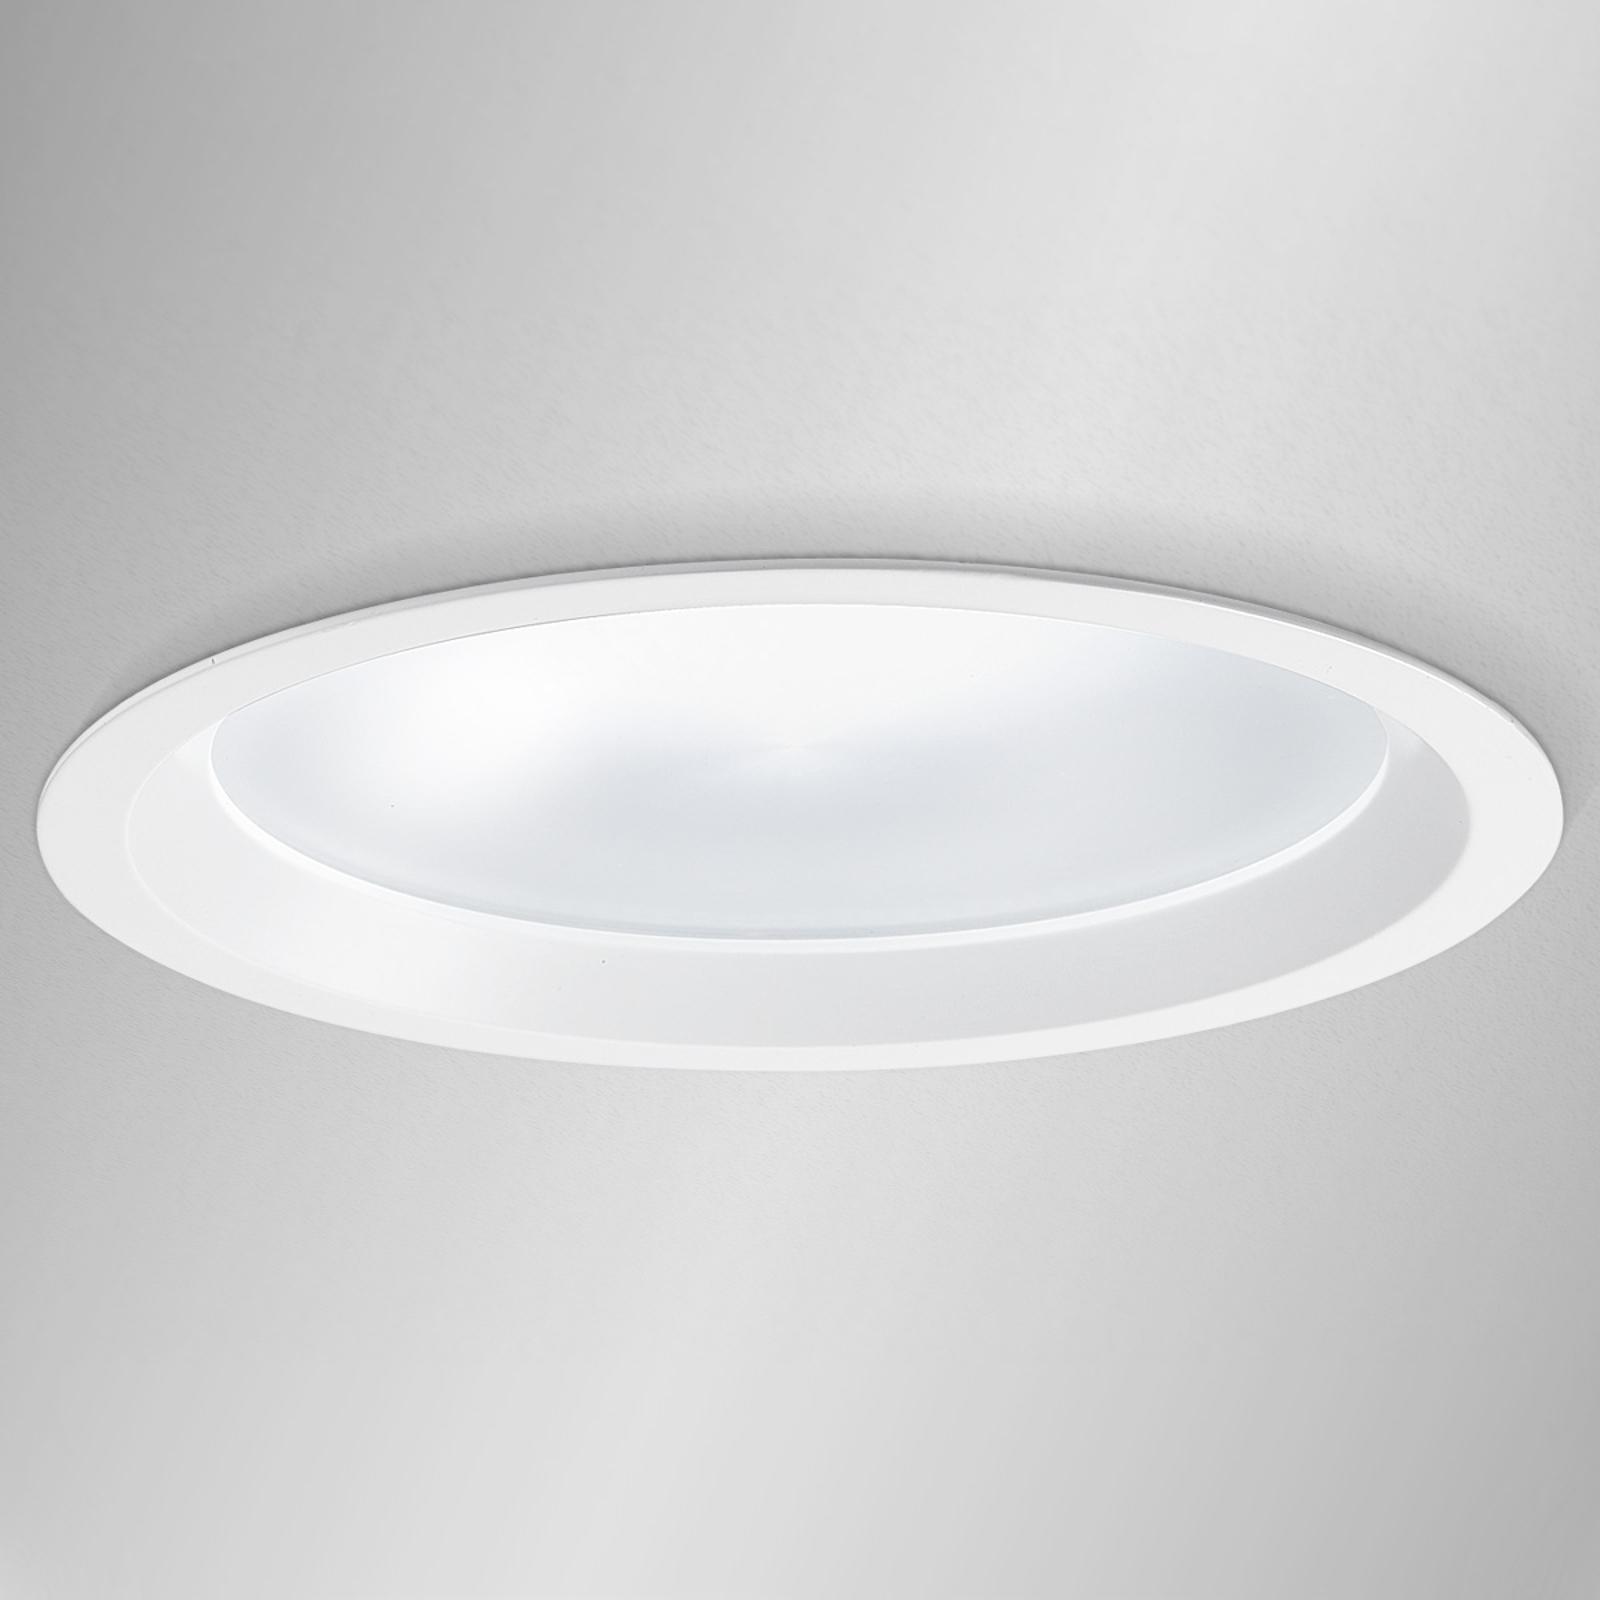 23 cm diameter - Strato 230 LED recessed downlight_3023096_1